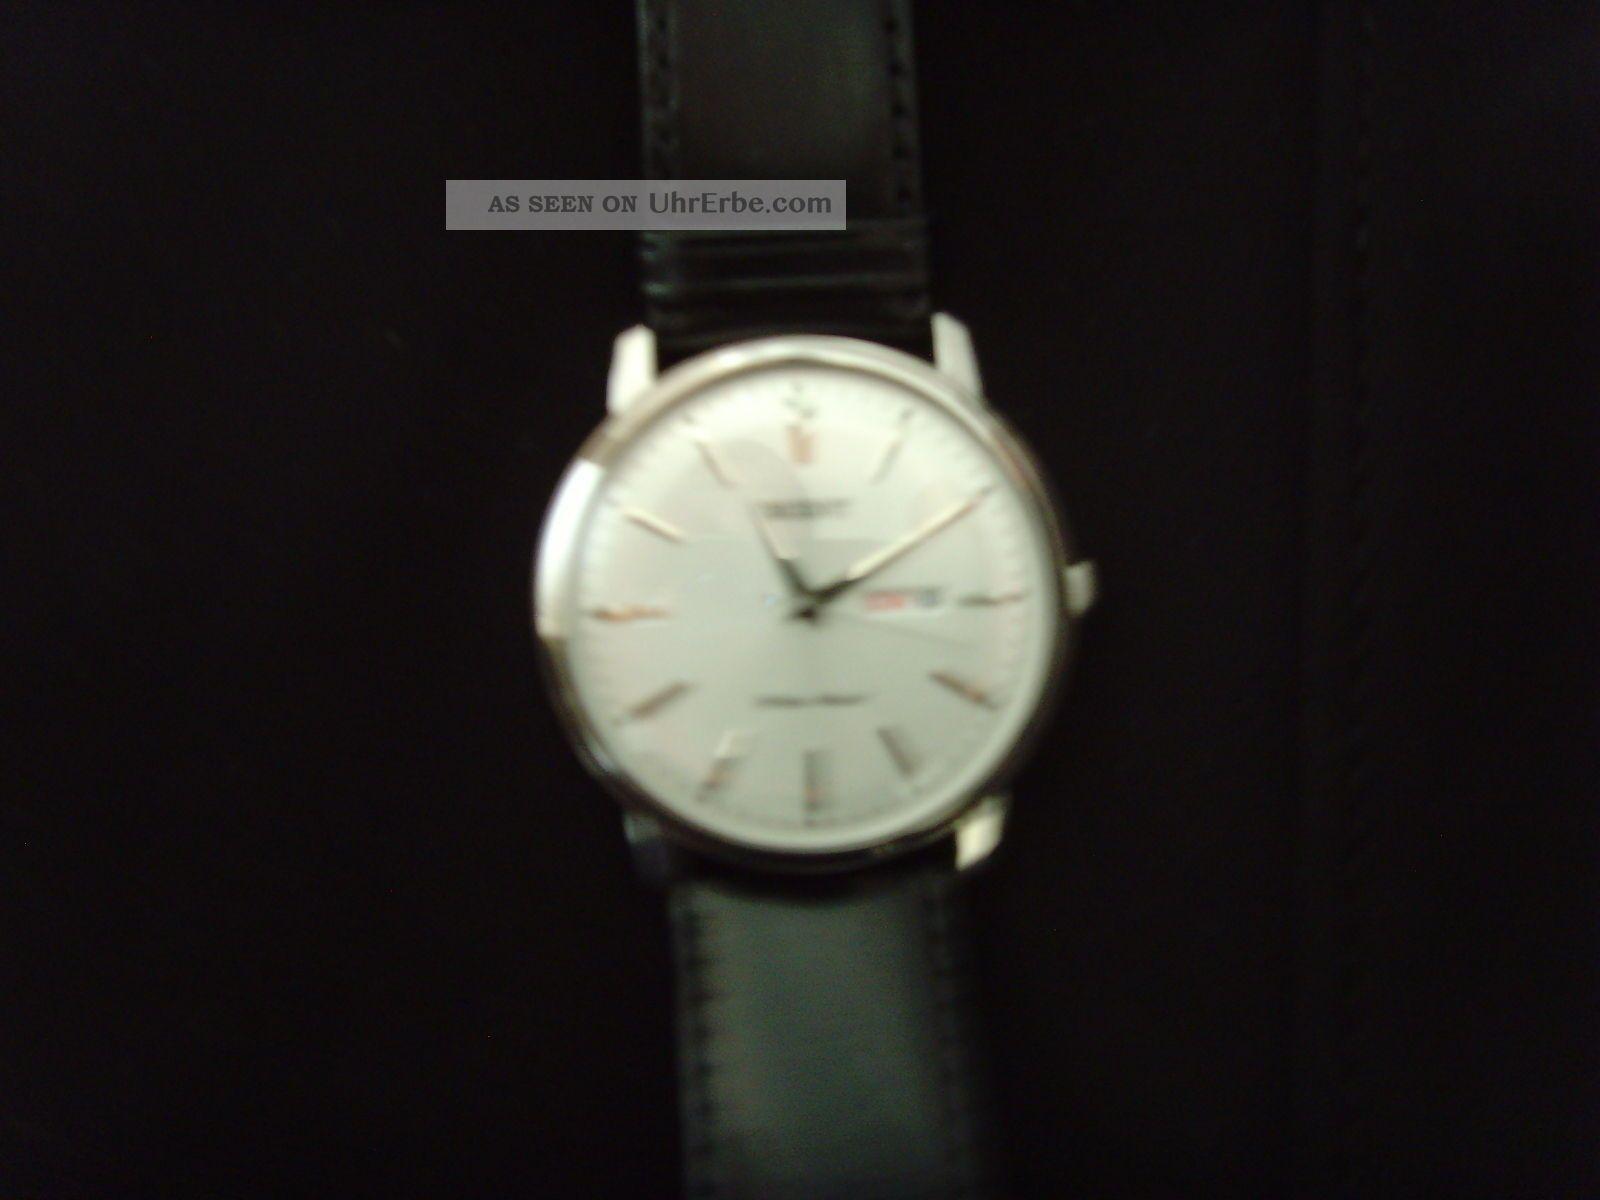 Orient Herrenuhr Quartz Armbanduhren Bild